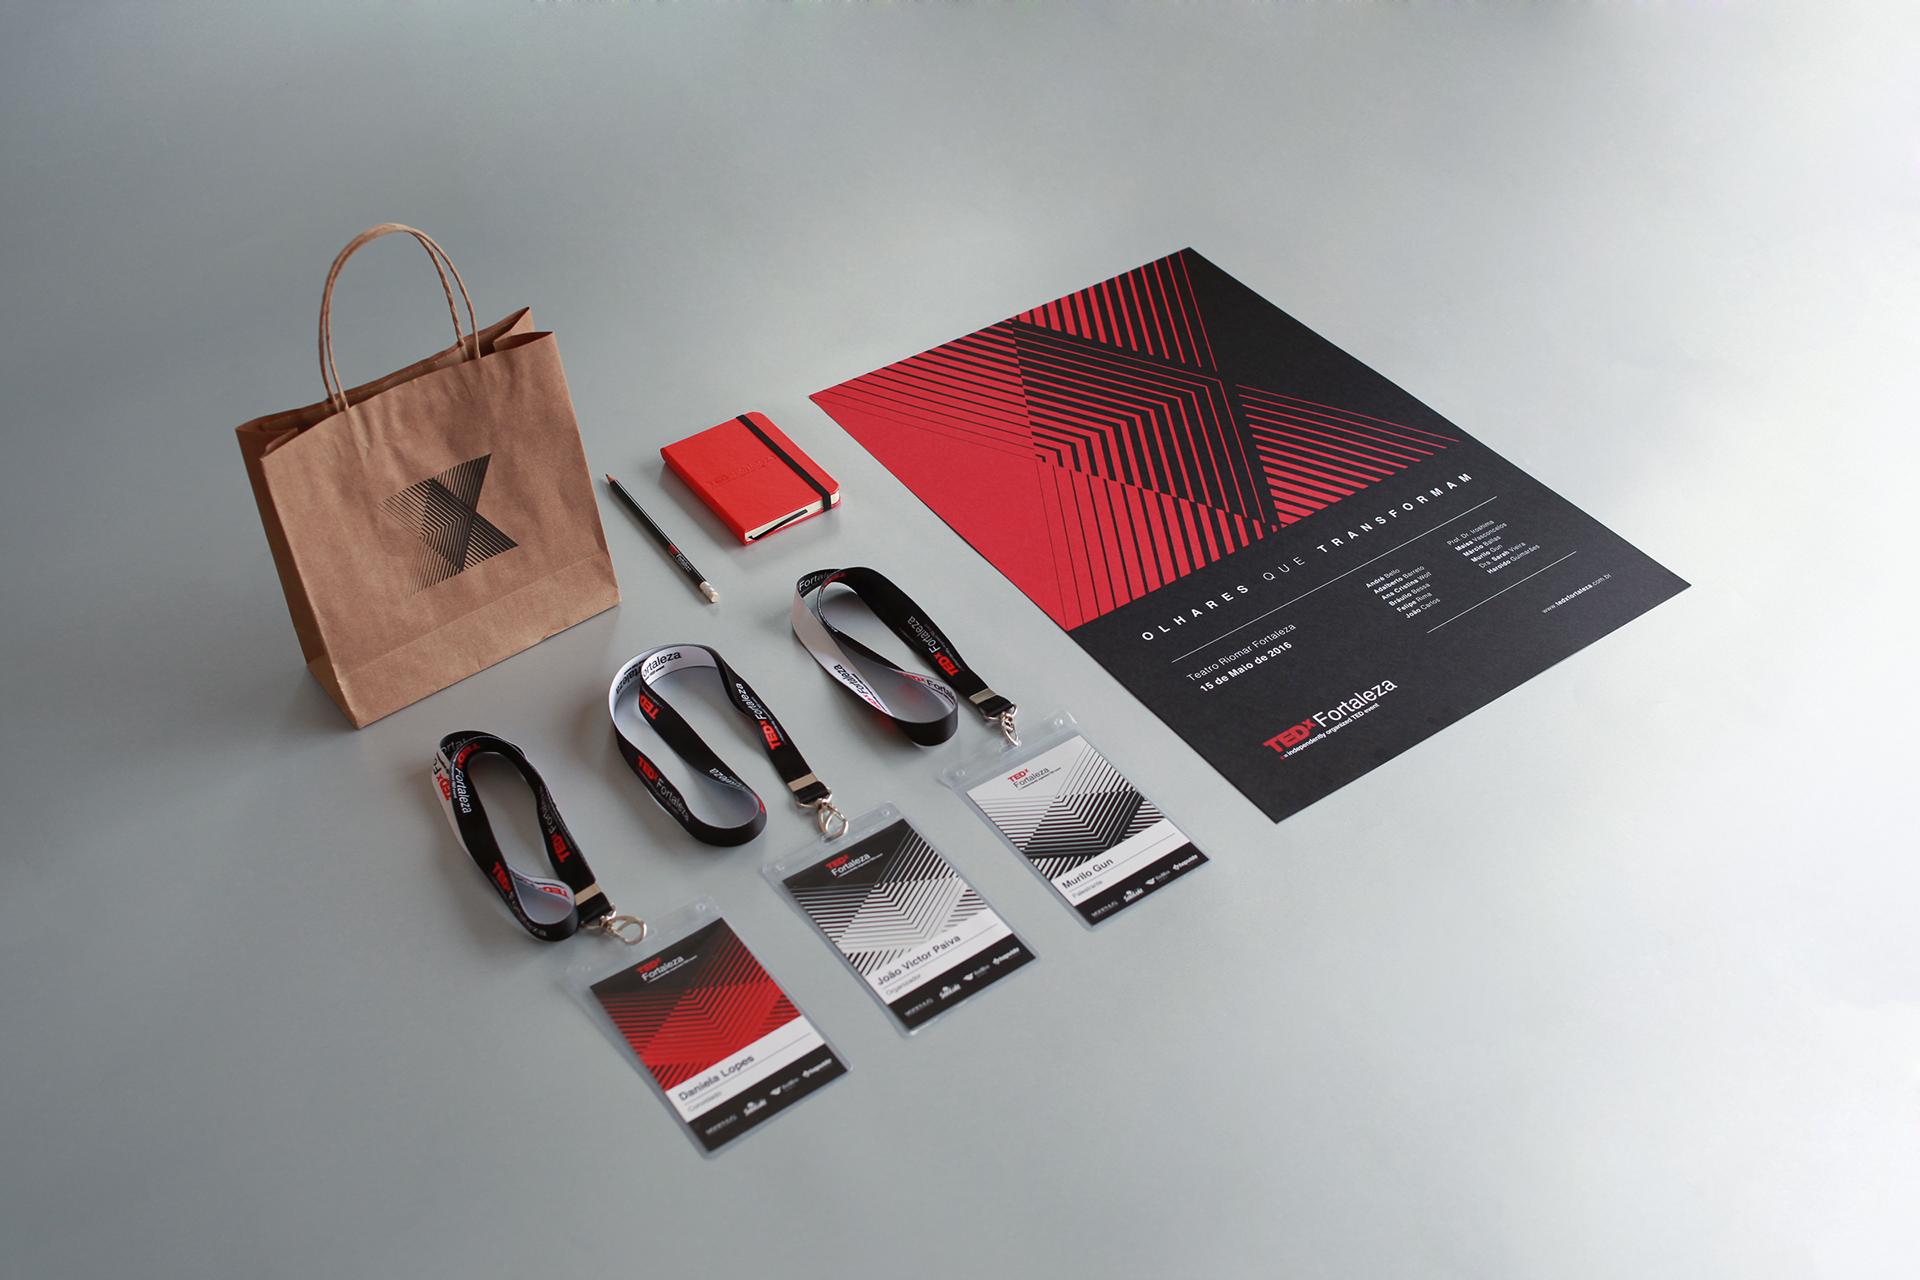 5 Projets de Branding, d'Identité ou de Redesign à voir #23